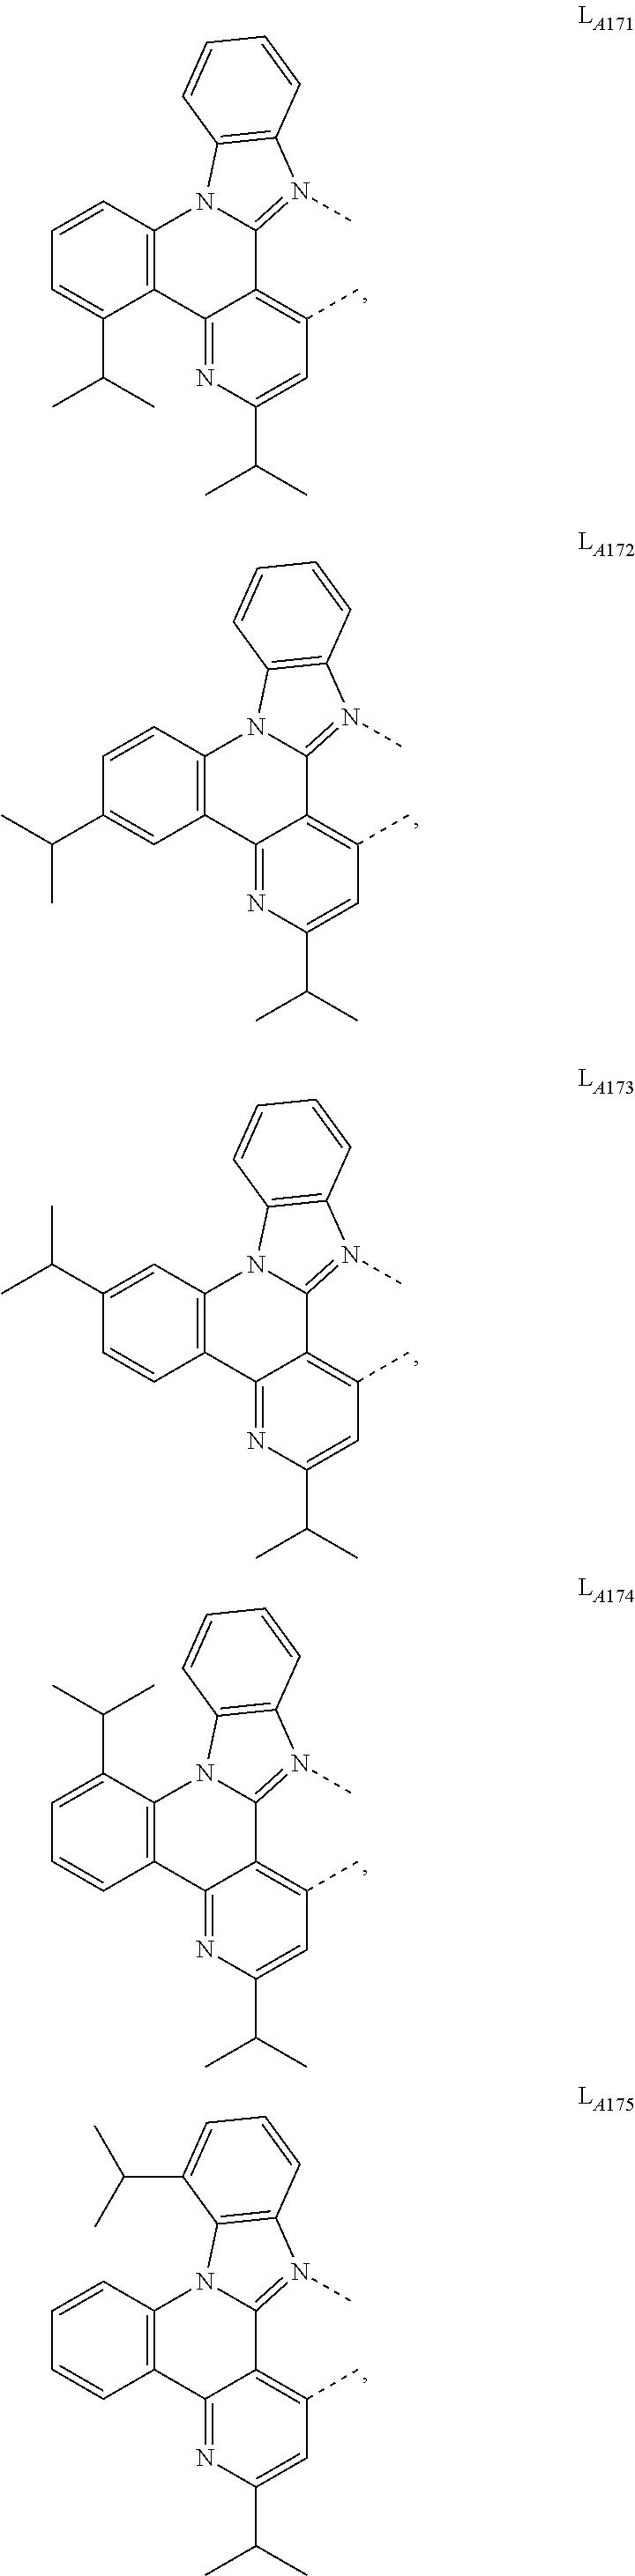 Figure US09905785-20180227-C00461